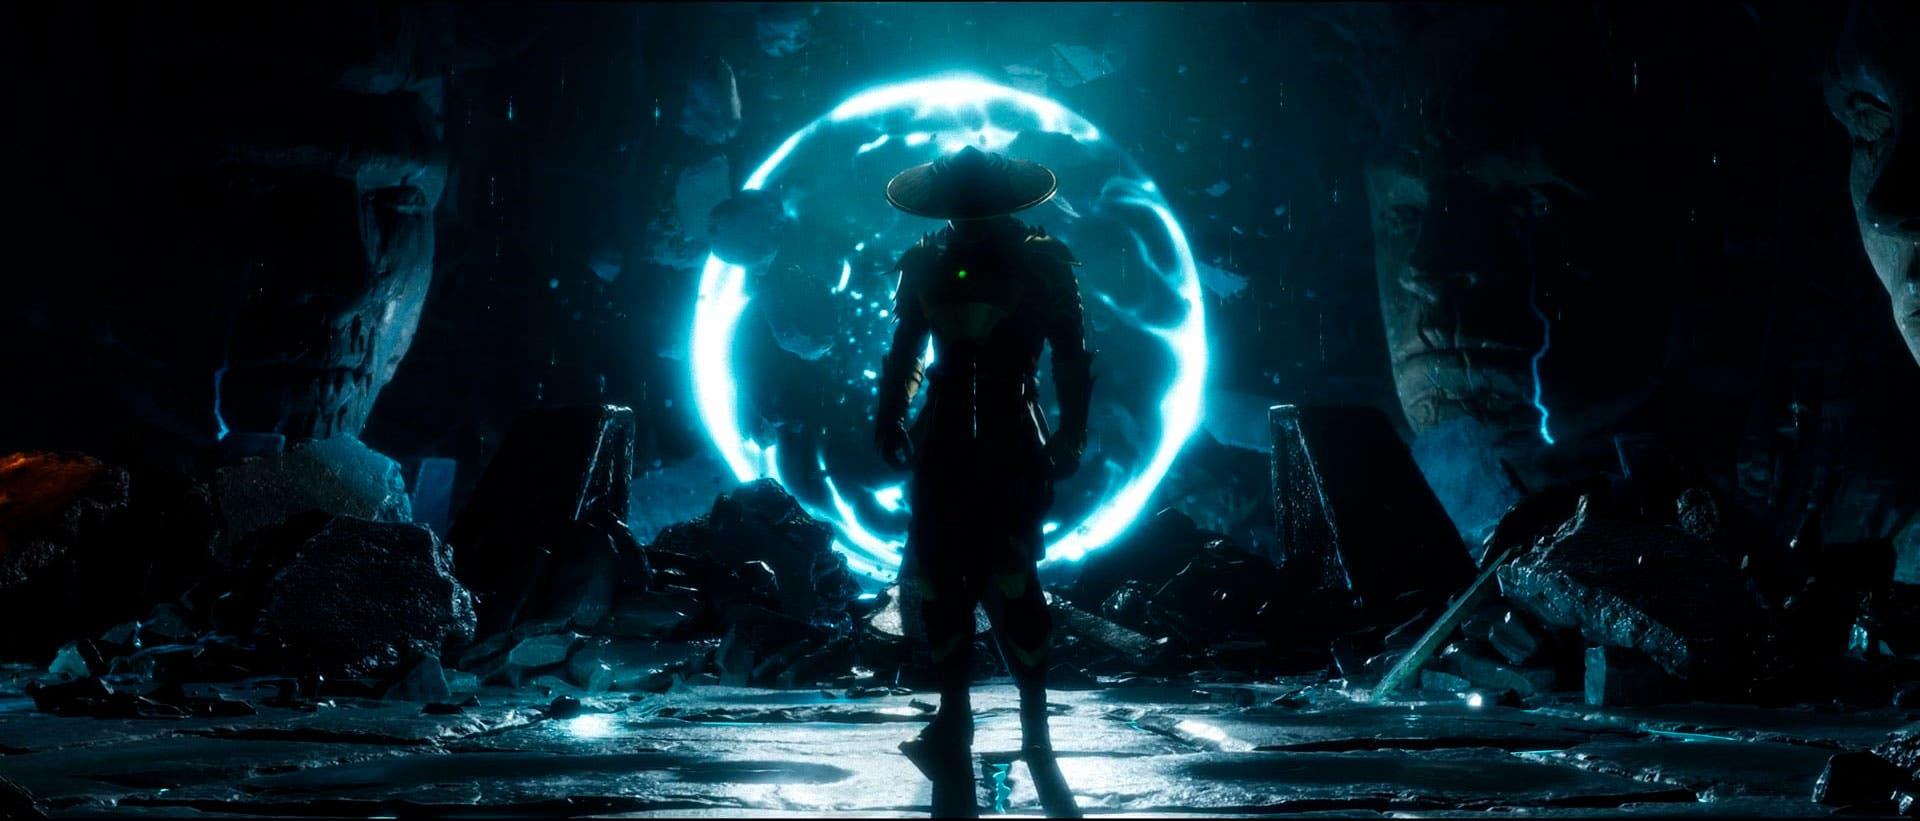 Los creadores de Mortal Kombat quisieron desarrollar un juego de Star Wars 3